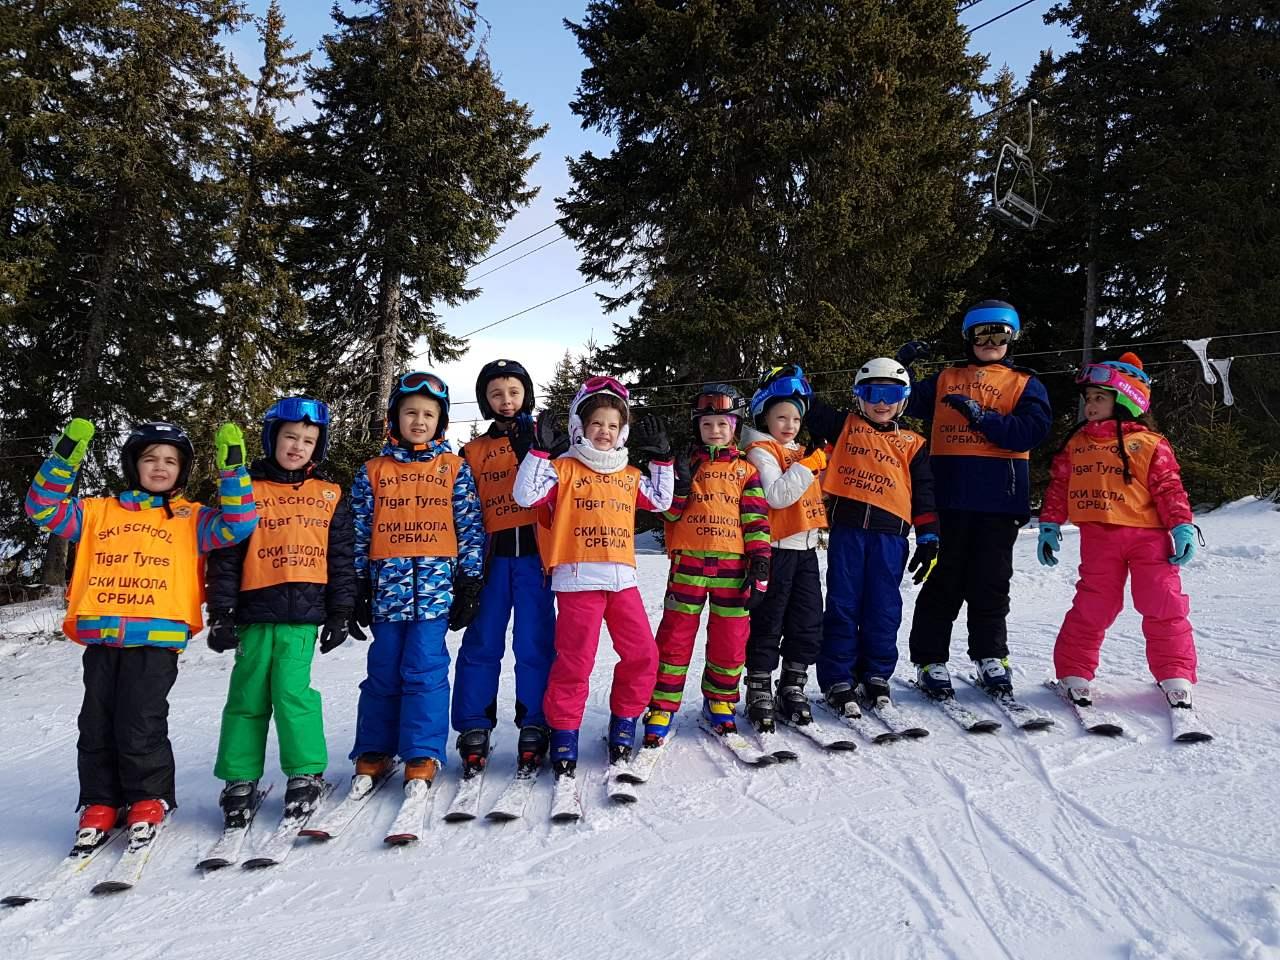 Photo of Preko 500 skijaša iz Pirota u dve smene na Pamporovu, 150 mališana naučilo da skija